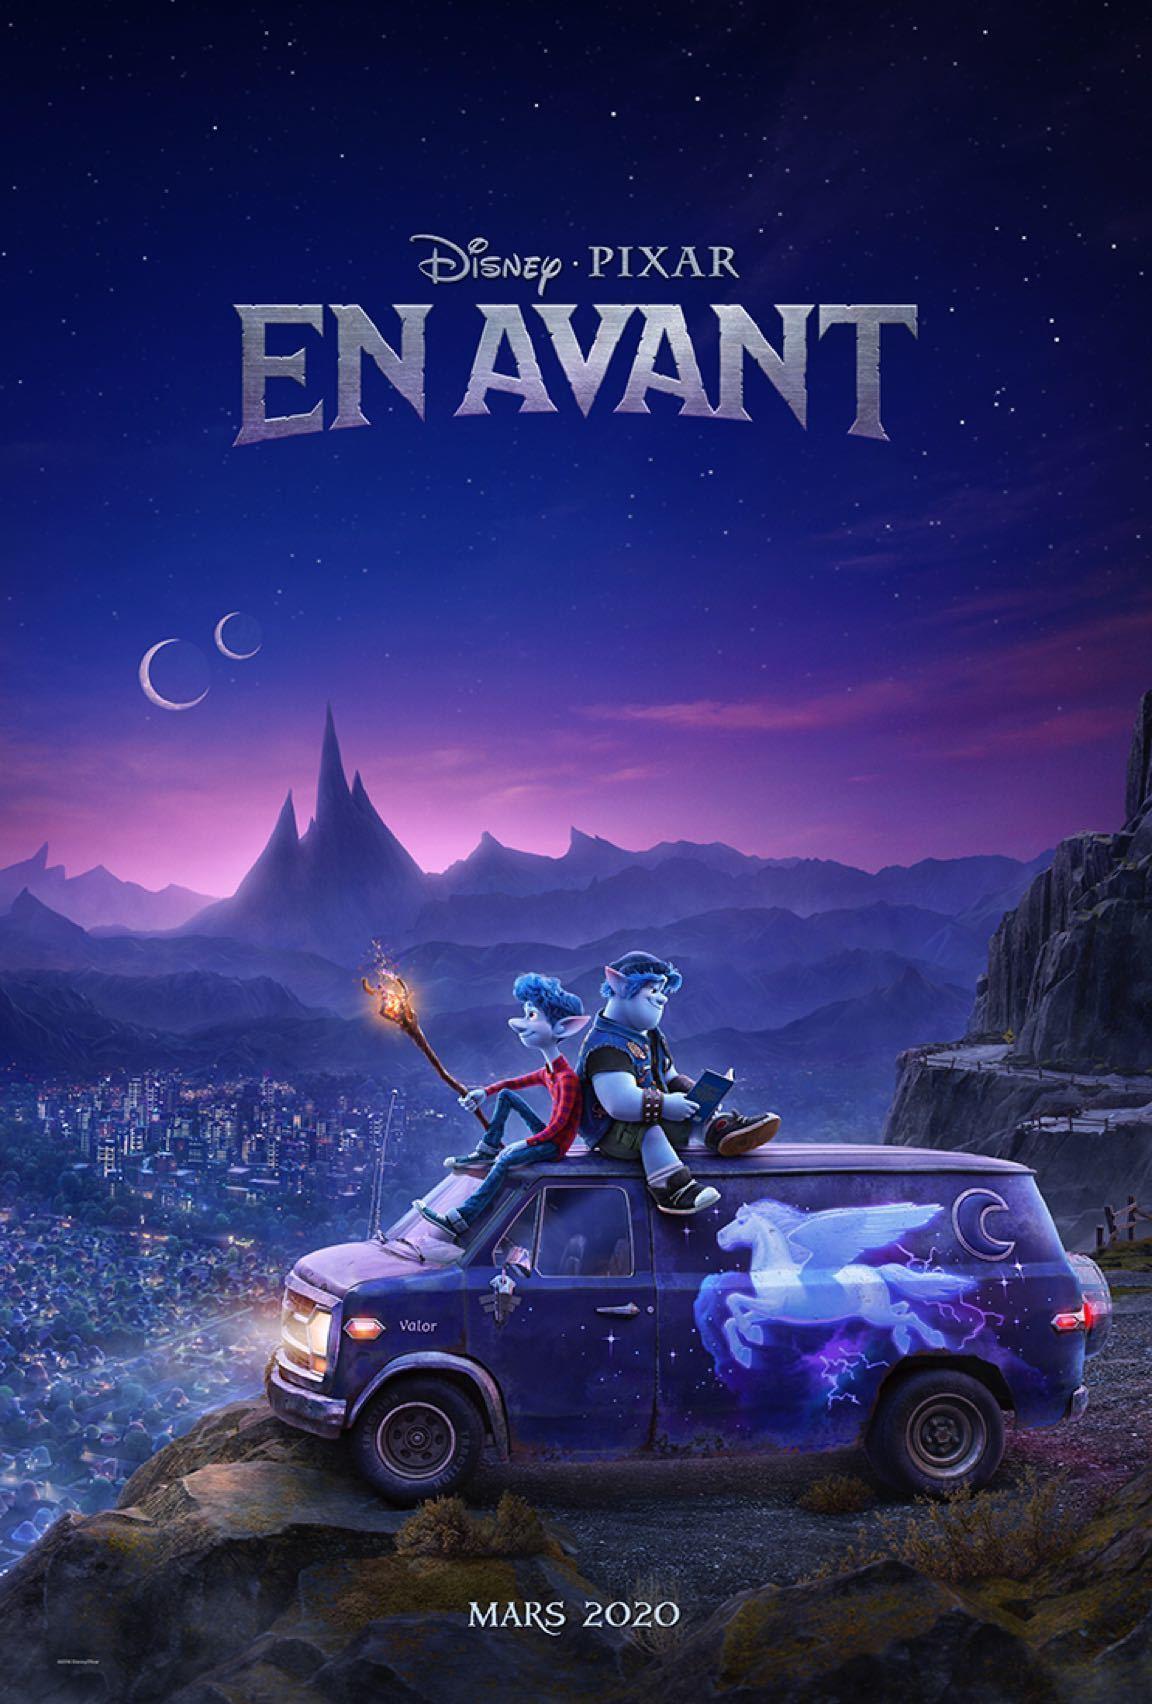 Les deux frères elfes, Ian et Barley, assis dans un van avec la ville en arrière-plan